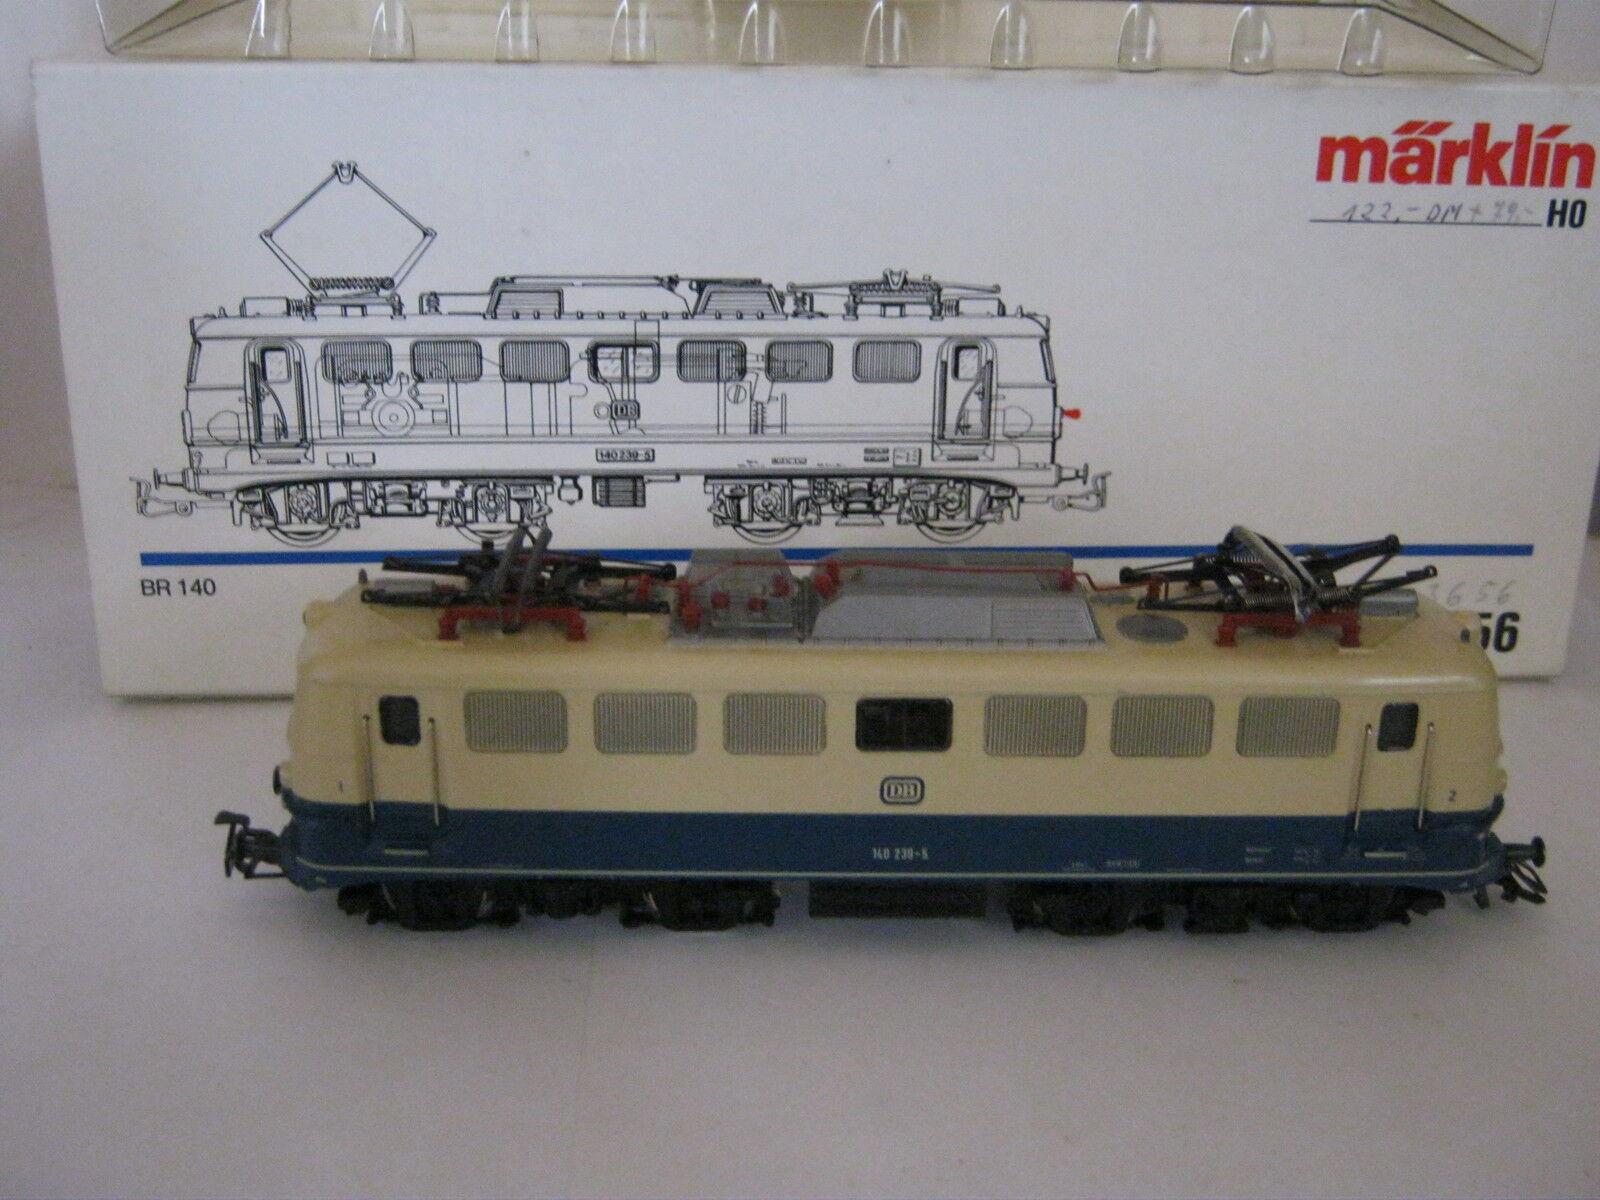 Digital Märklin HO 3156 elettro-Lok kbtrnr 140 239-5 DB (rg ax 72s1)